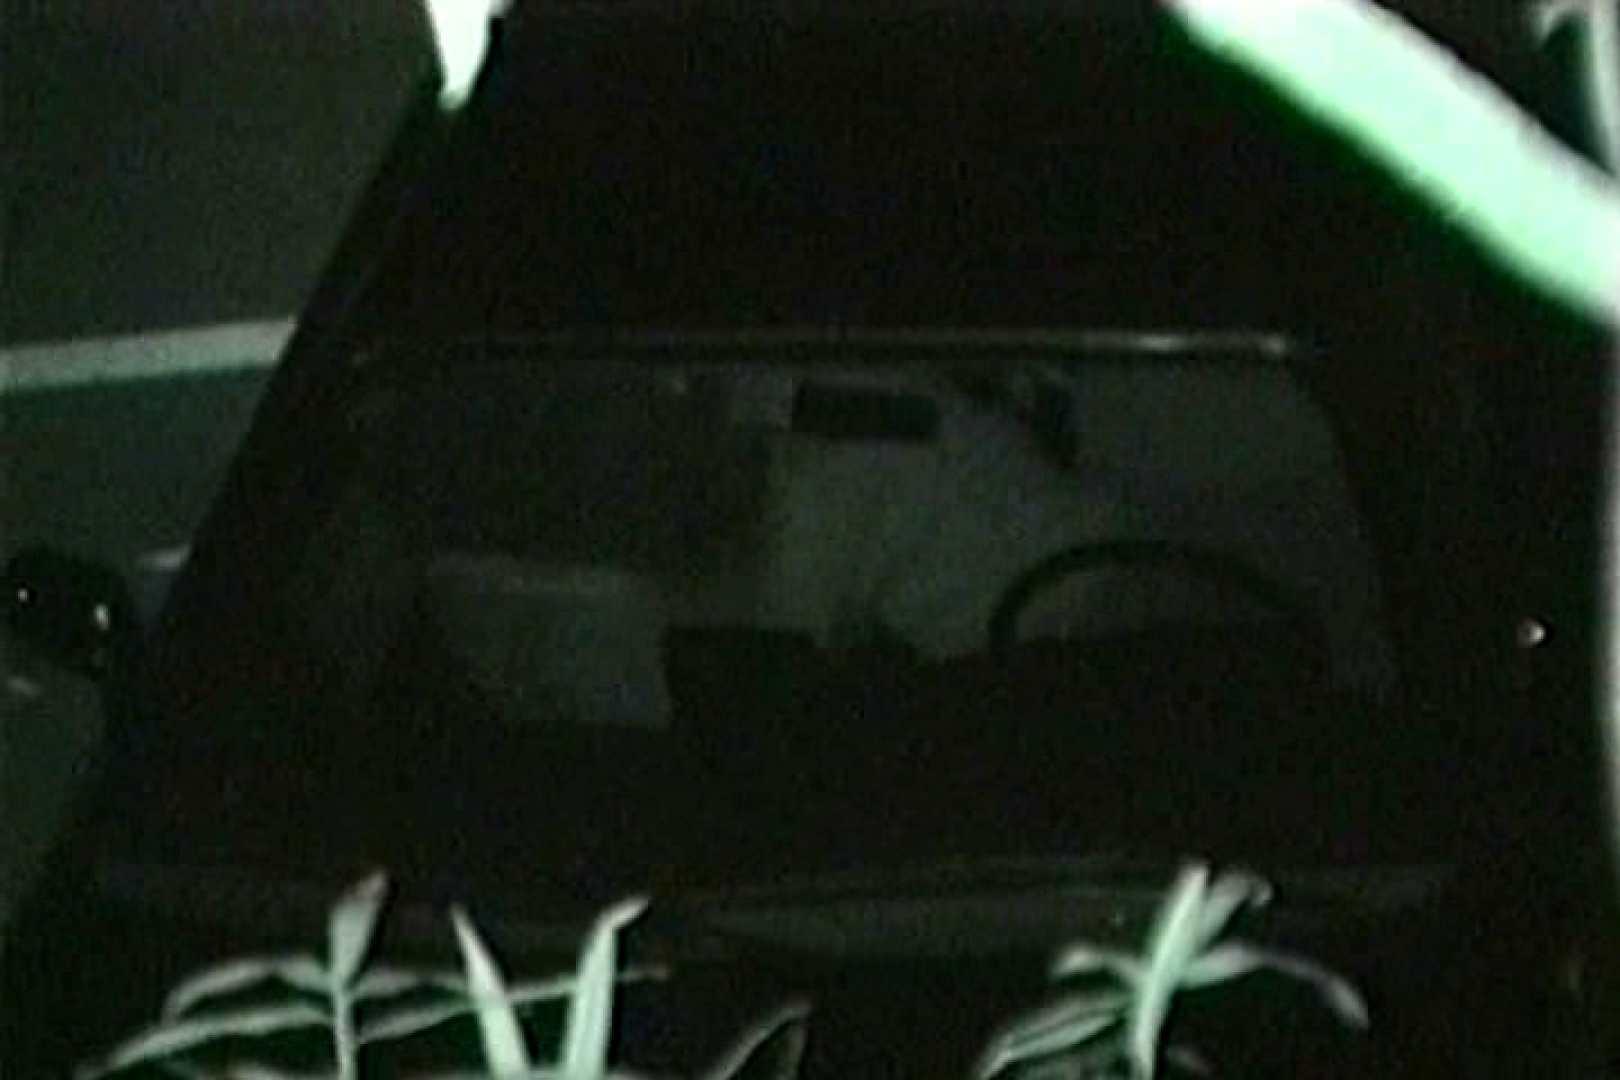 車の中はラブホテル 無修正版  Vol.8 濃厚セックス 盗撮動画紹介 108PICs 83